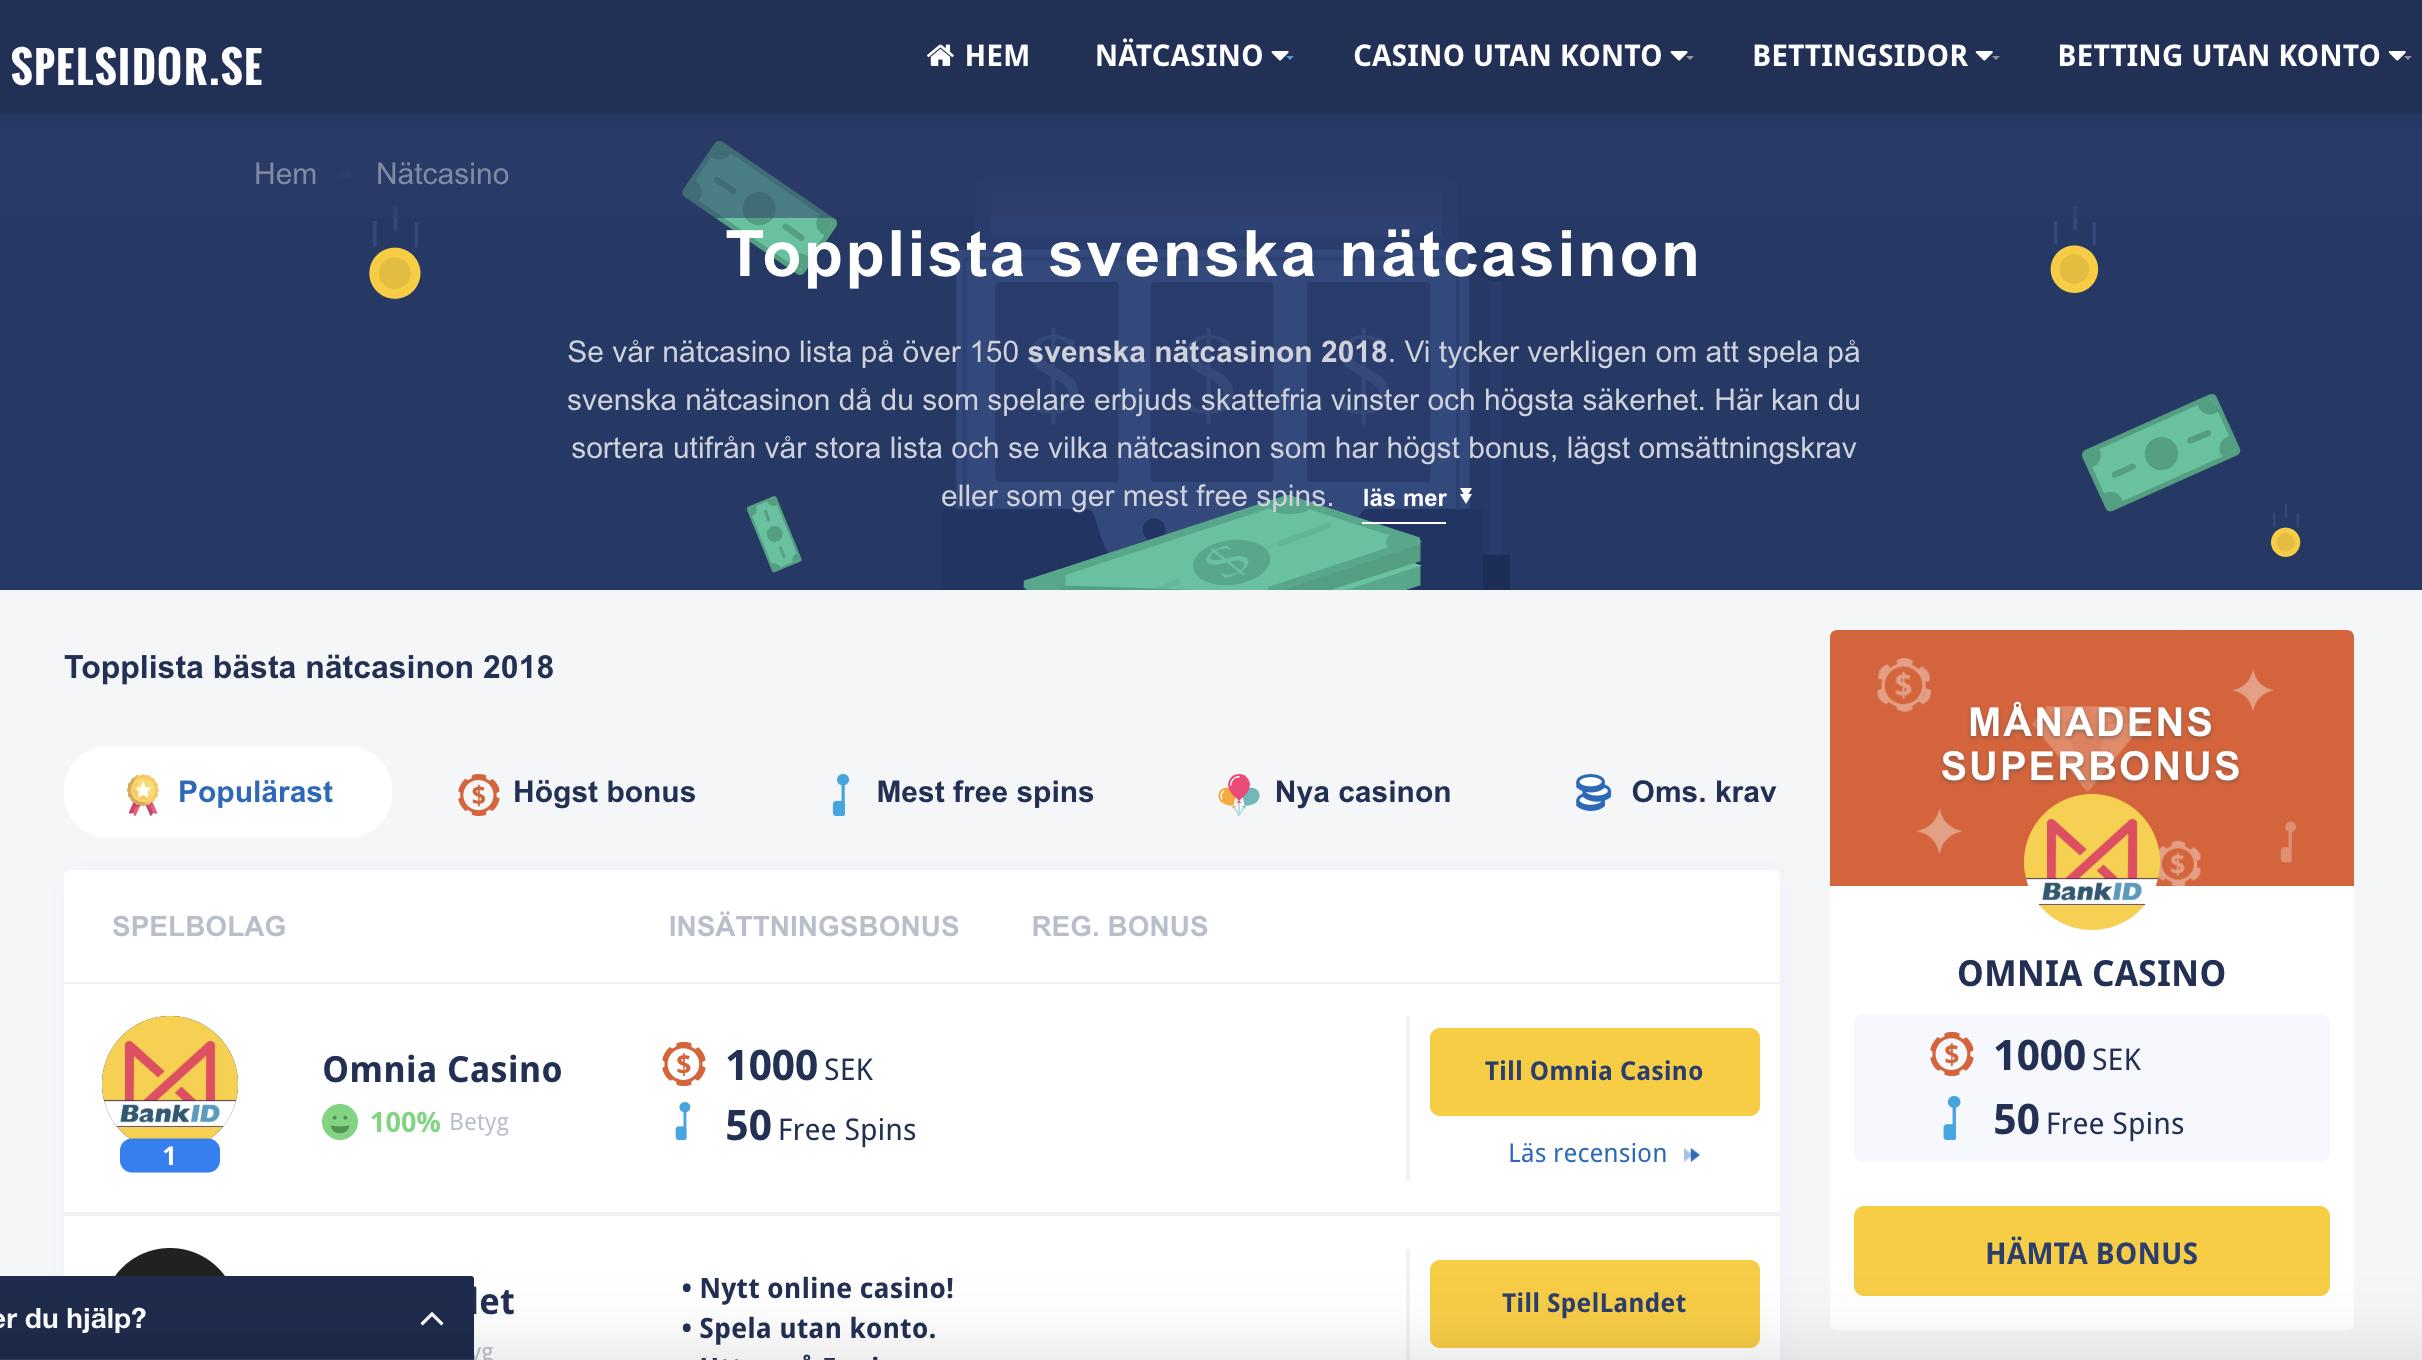 Nätcasino bankid - 54175